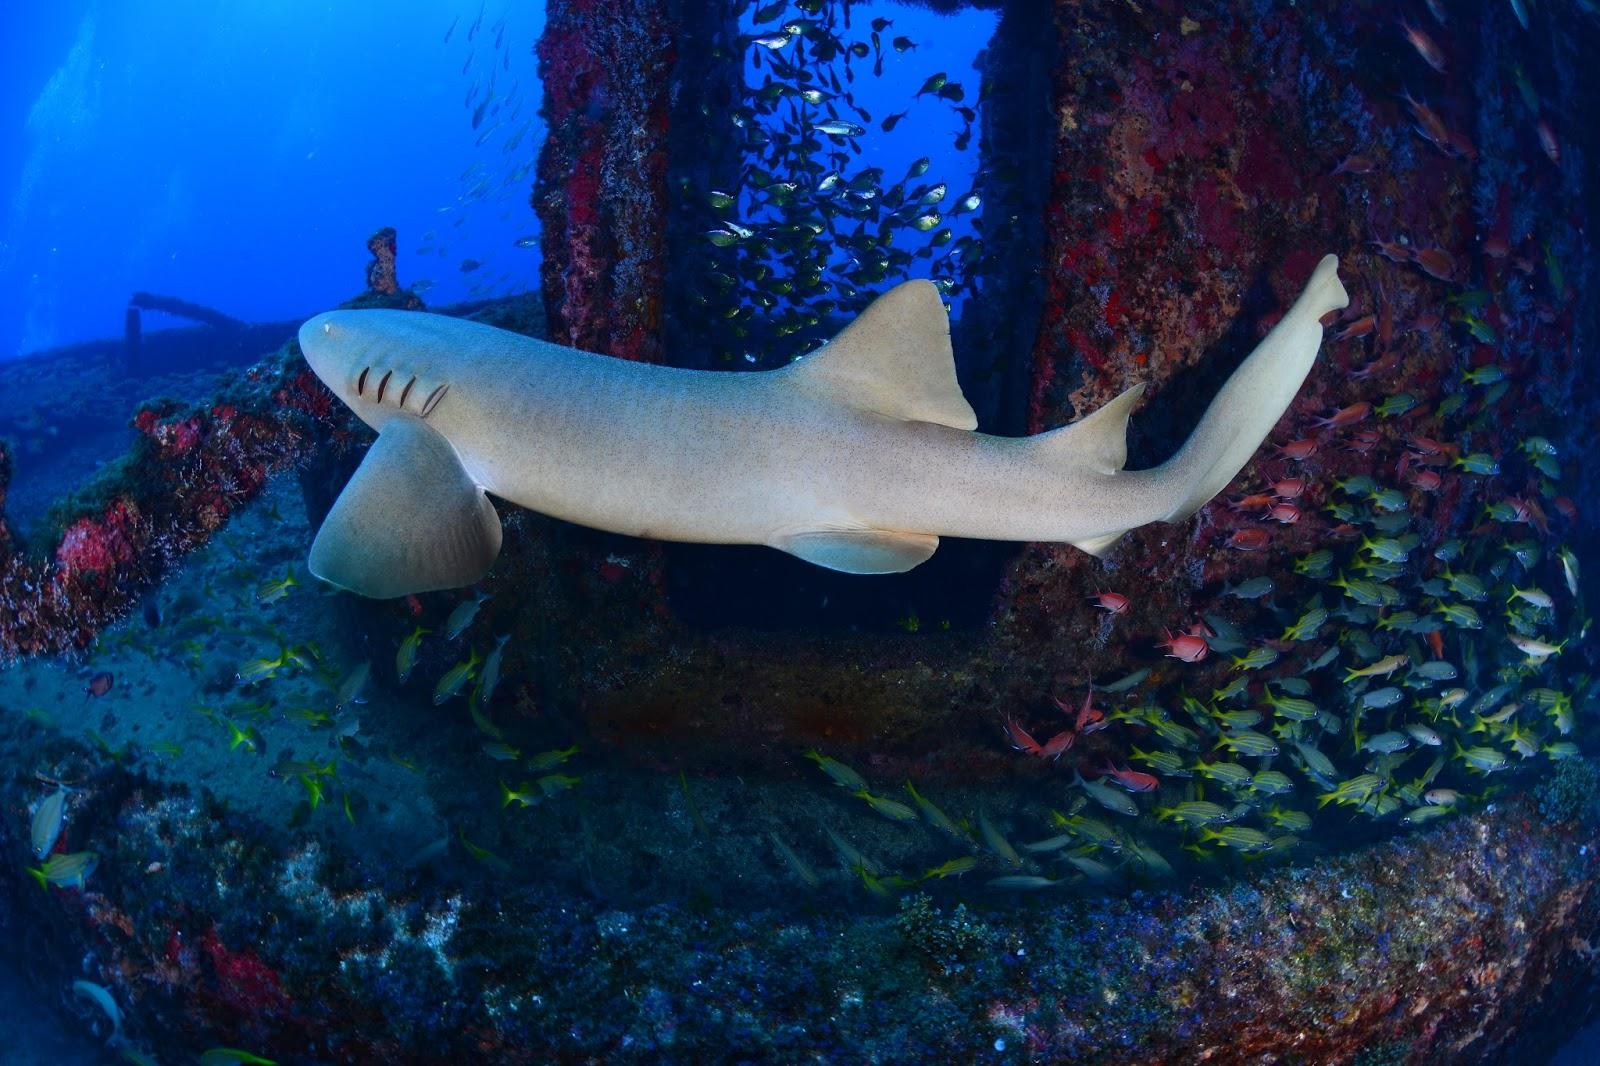 Diana teran fotos fant sticas del fondo del mar peces - Fotos fondo del mar ...